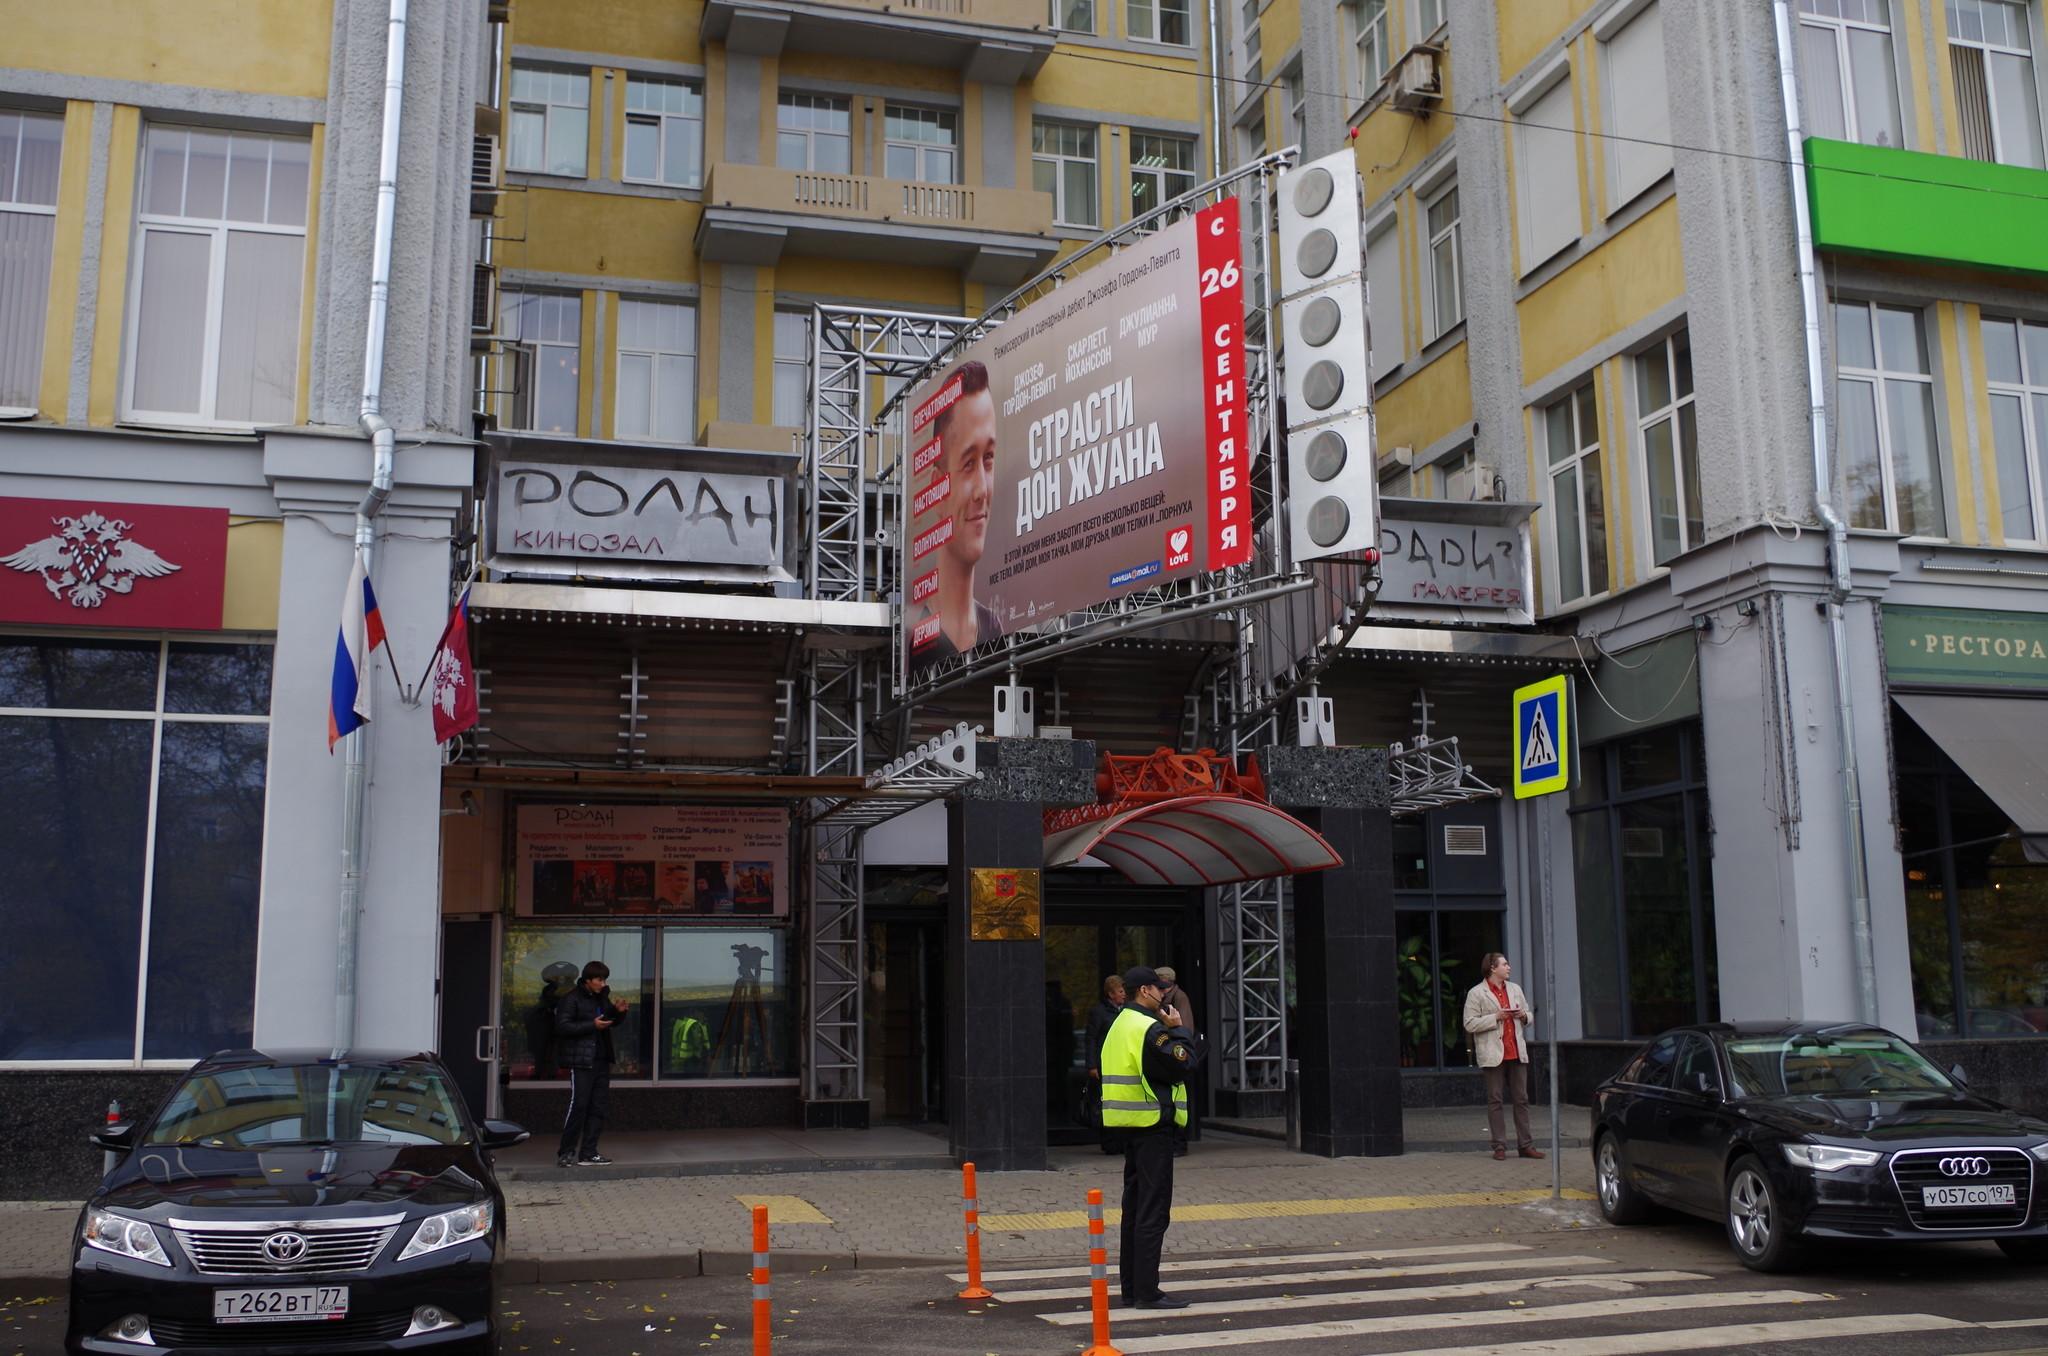 Кинотеатр «Ролан» (Чистопрудный бульвар, дом 12А)